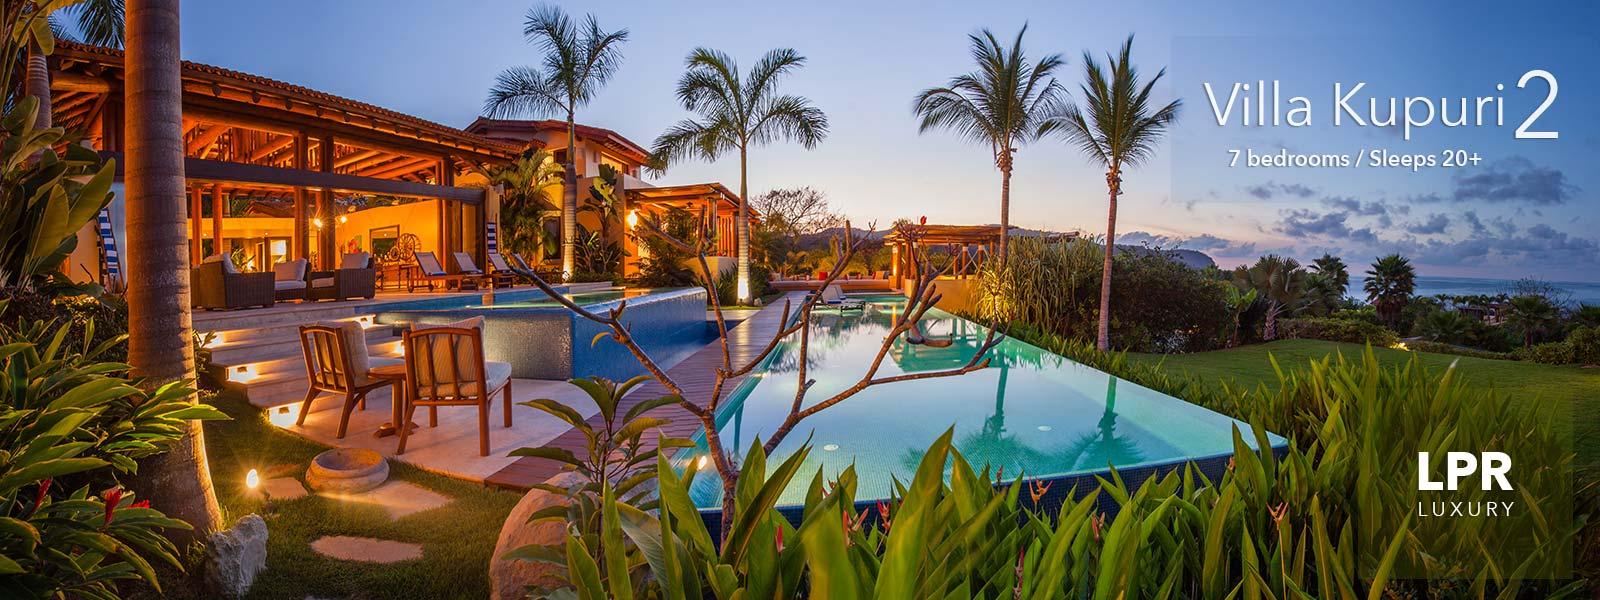 Villa Kupuri 2 - Luxury Punta Mita Vacation Rentals - Puerto Vallarta, Mexio